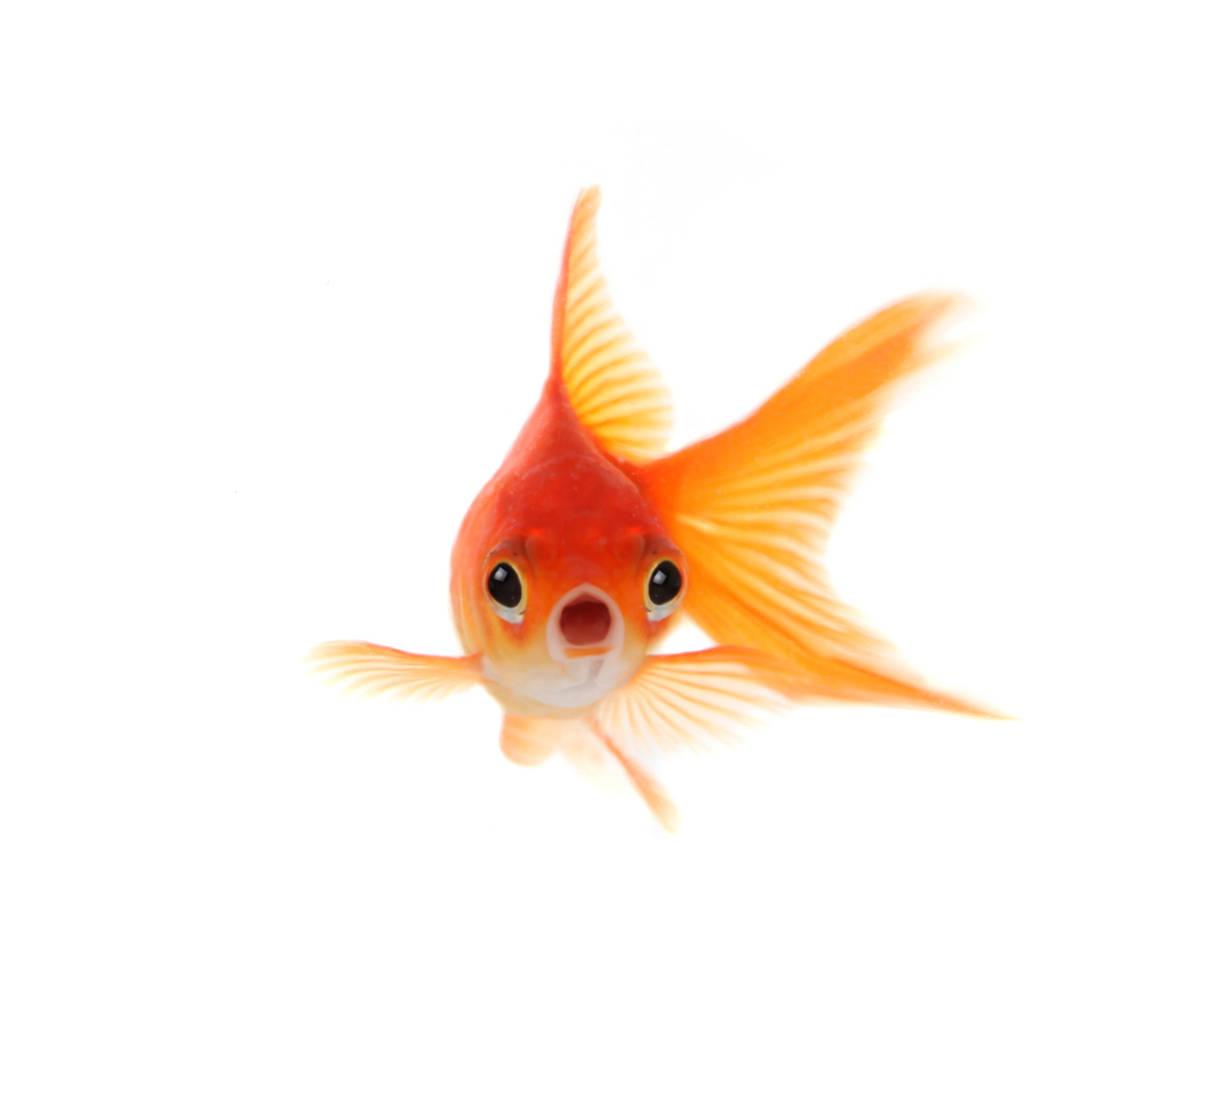 Images of Goldfish   1210x1120